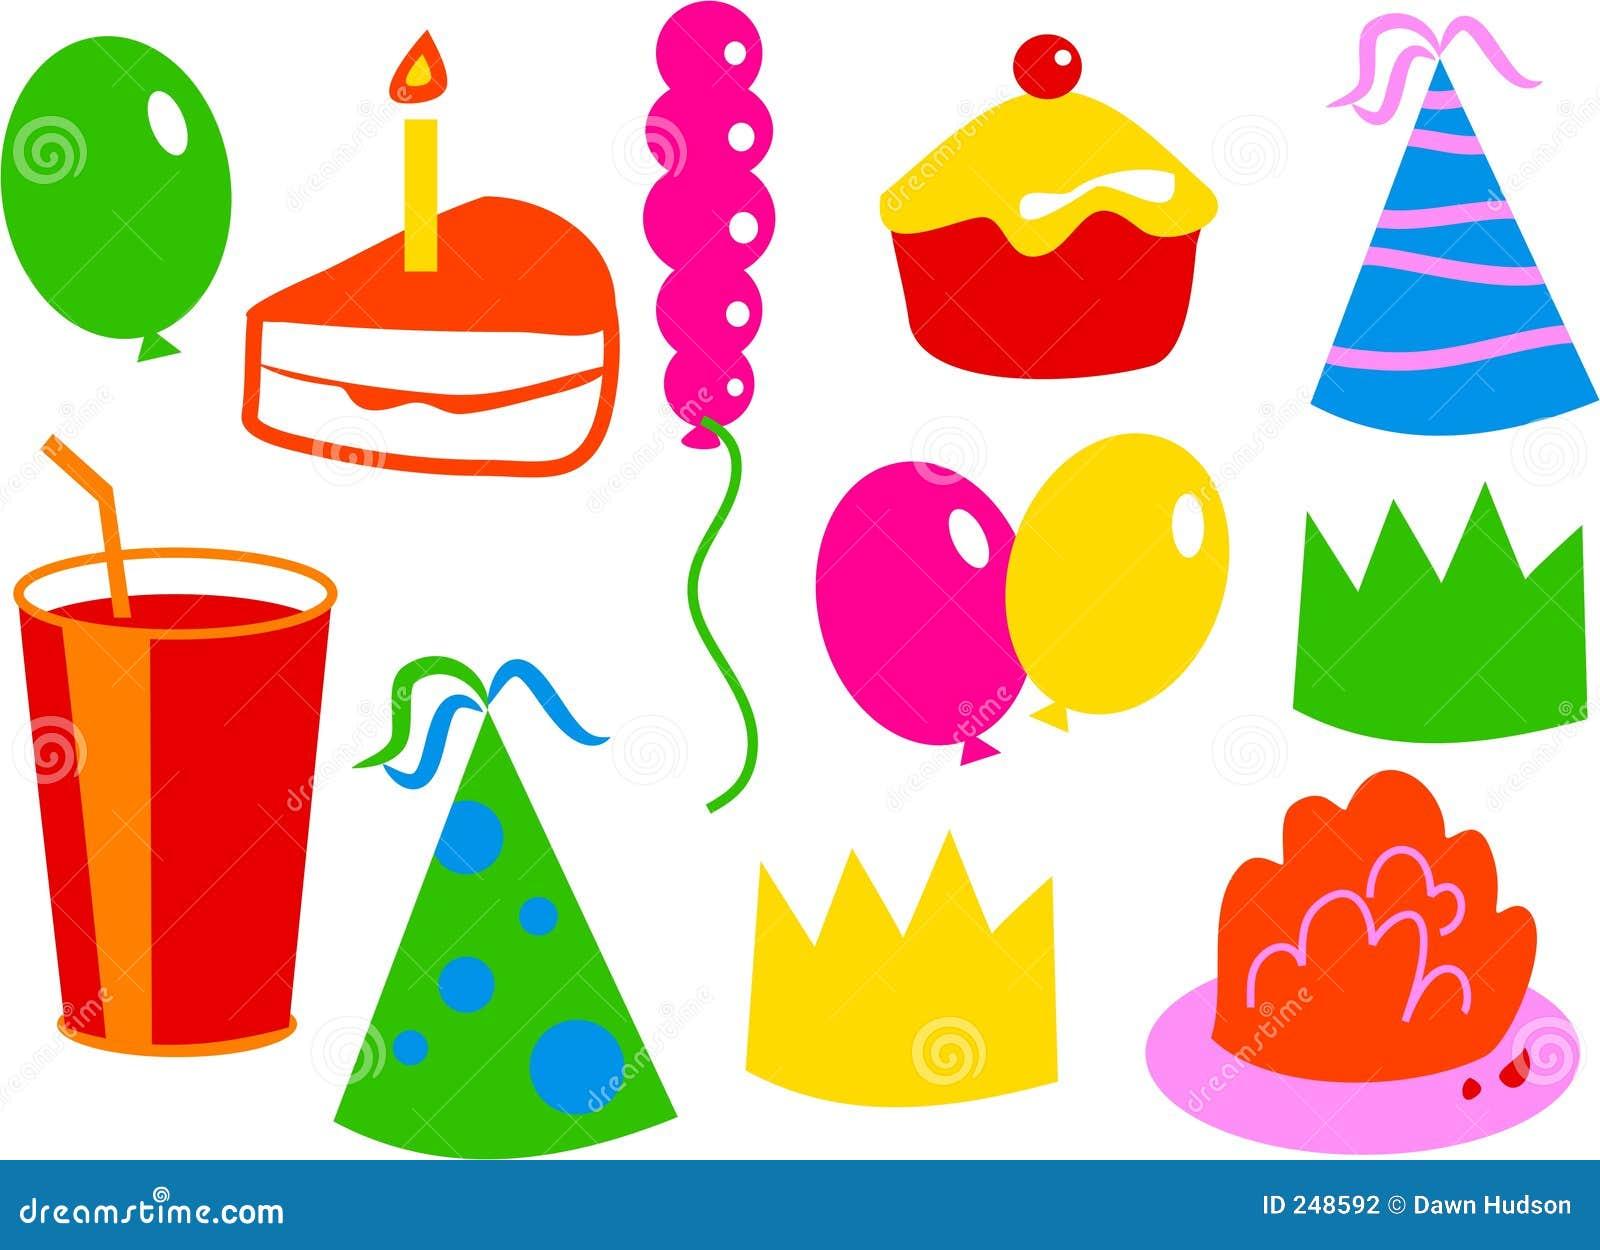 Ícones do aniversário